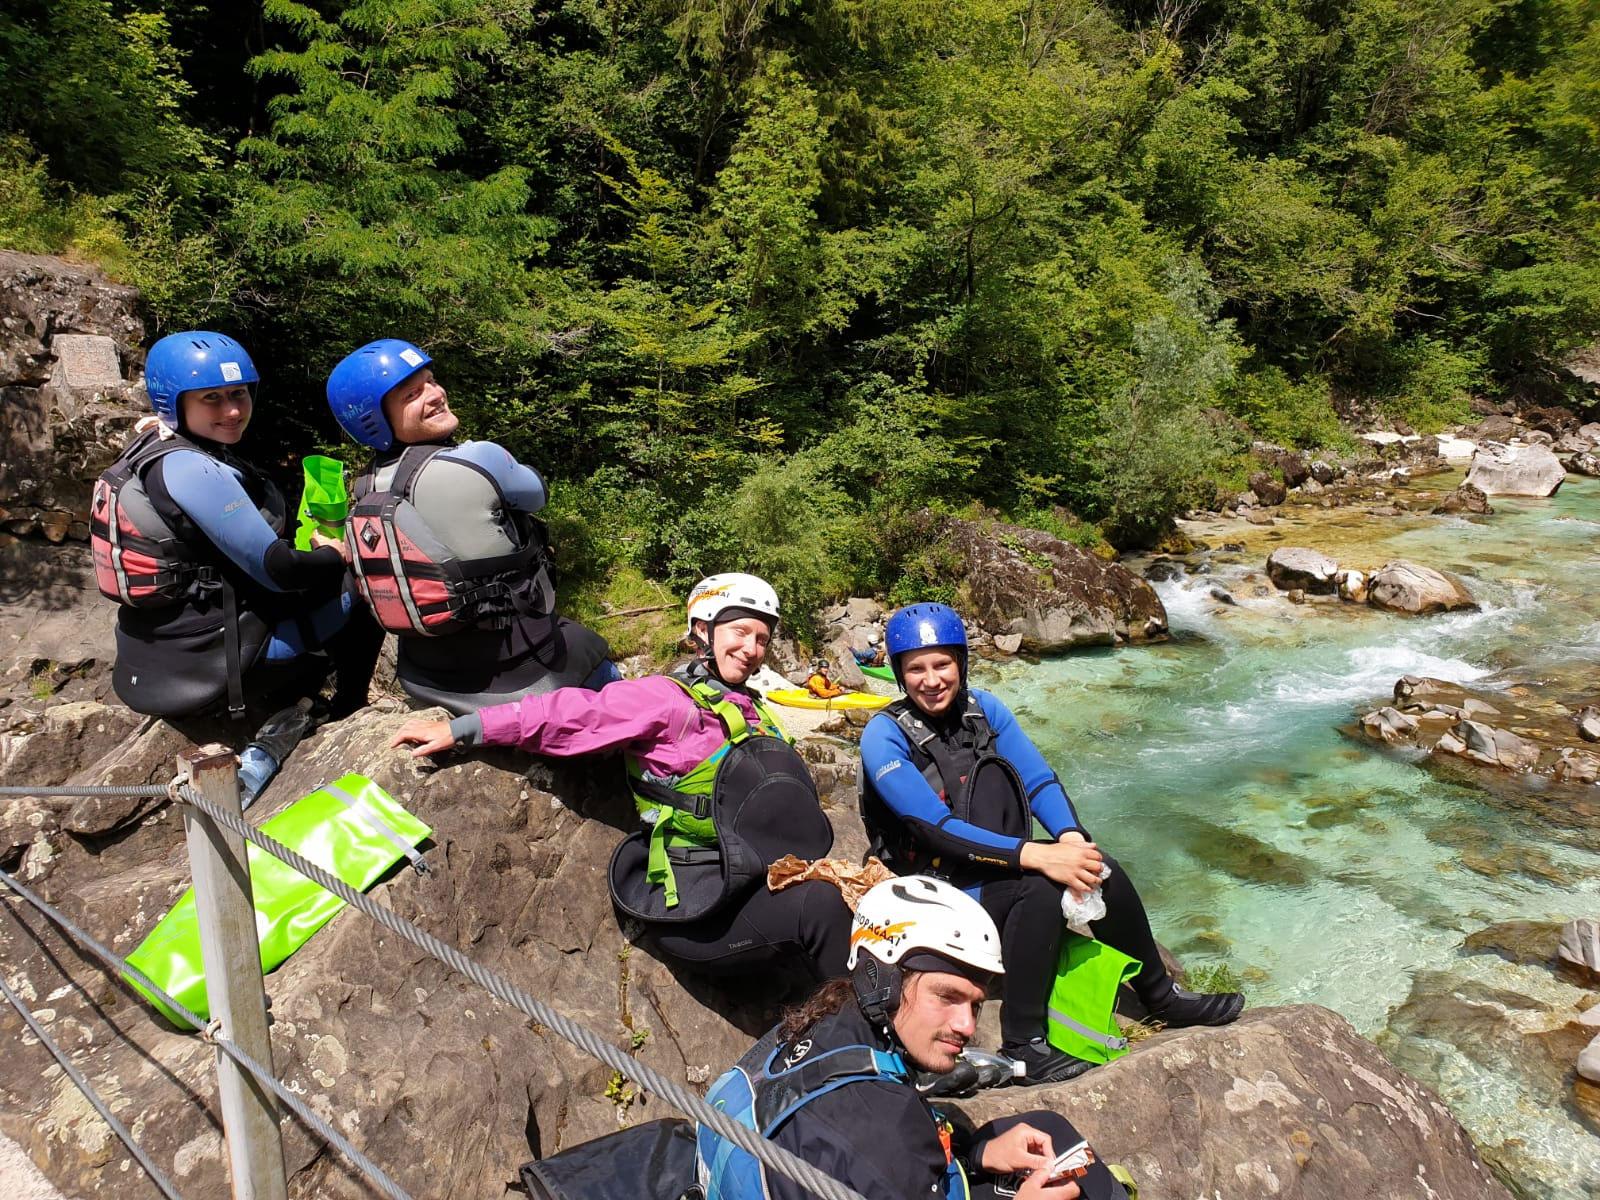 Wildwatervakantie met Europagaai in de Julische Alpen in Slovenië